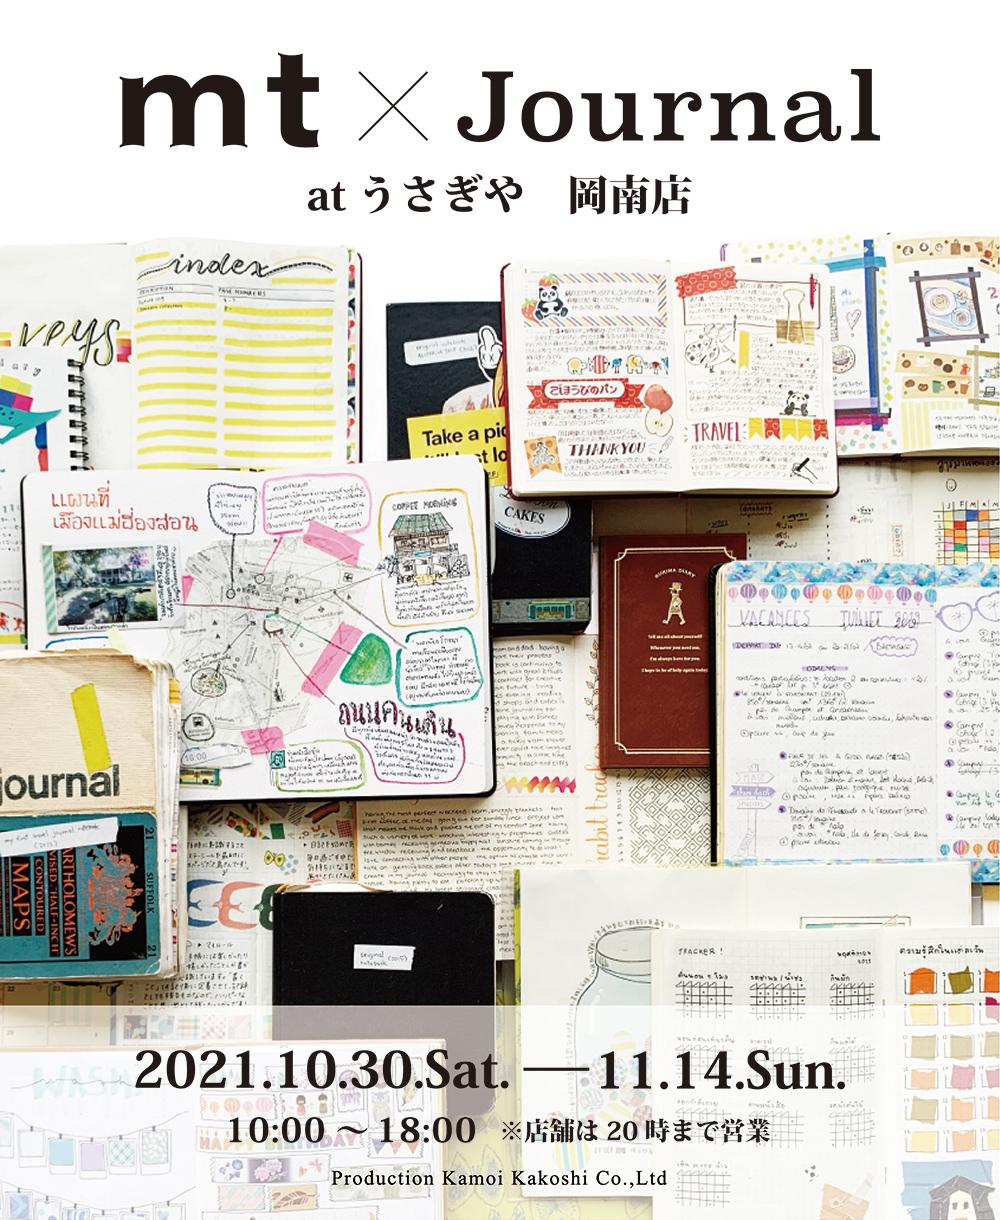 ◎『mt×Journal atうさぎや岡南店』開催のお知らせ